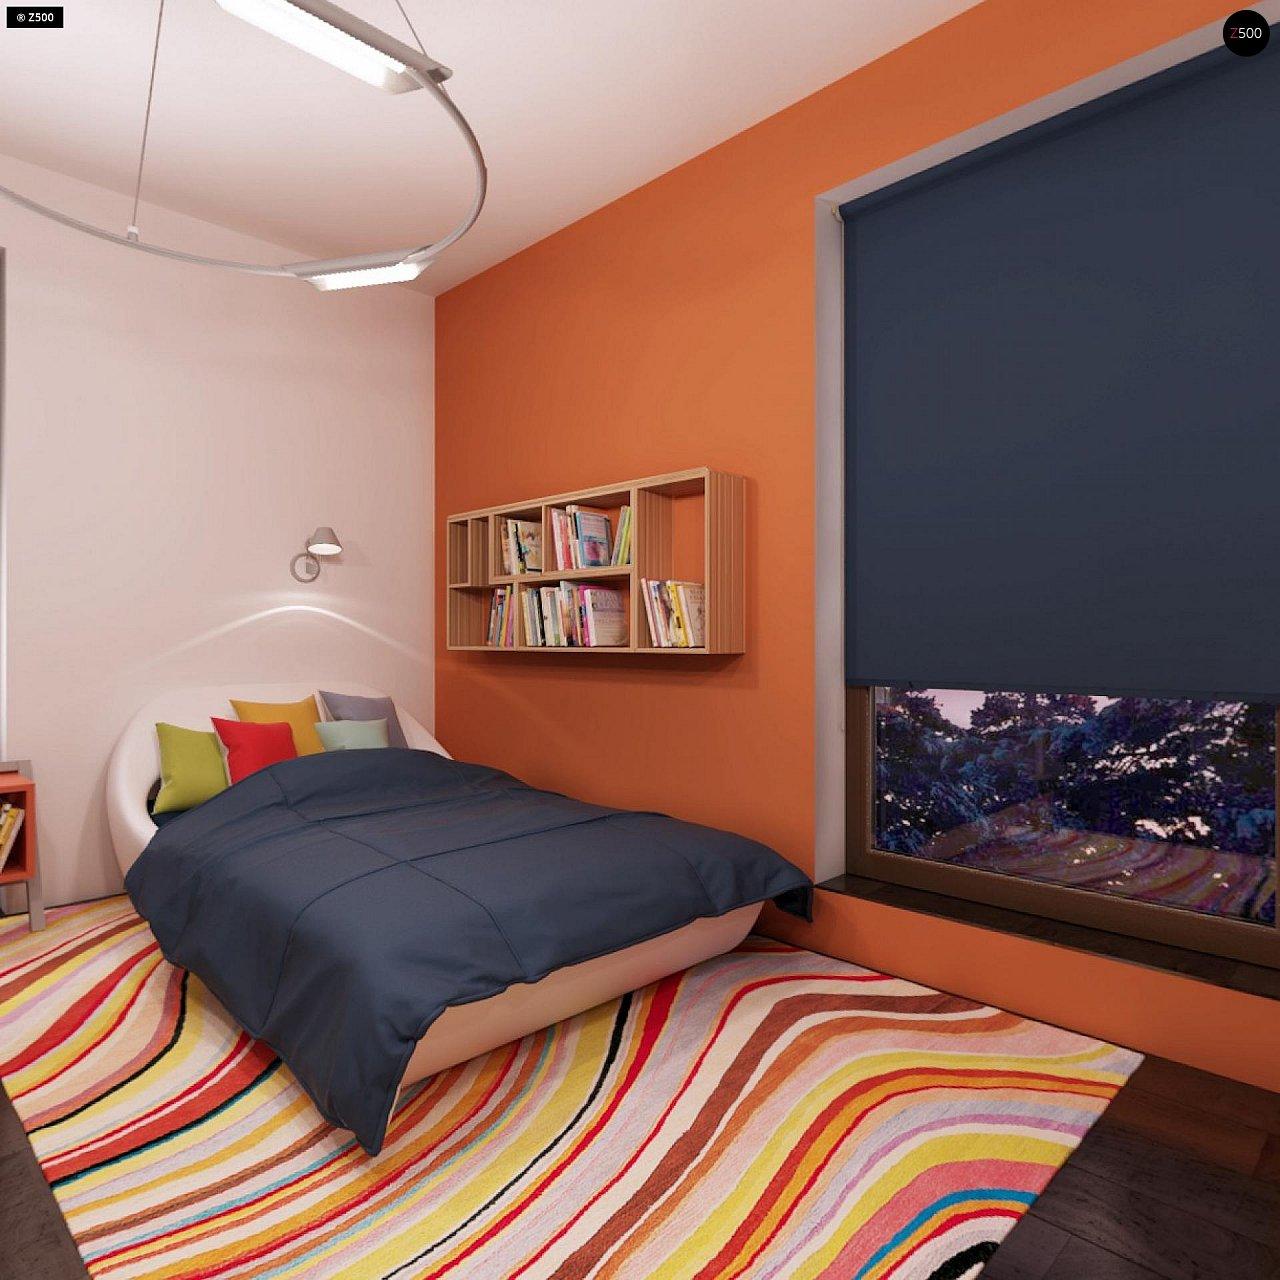 Дом характерного современного дизайна с гаражом и кабинетом на первом этаже. - фото 36